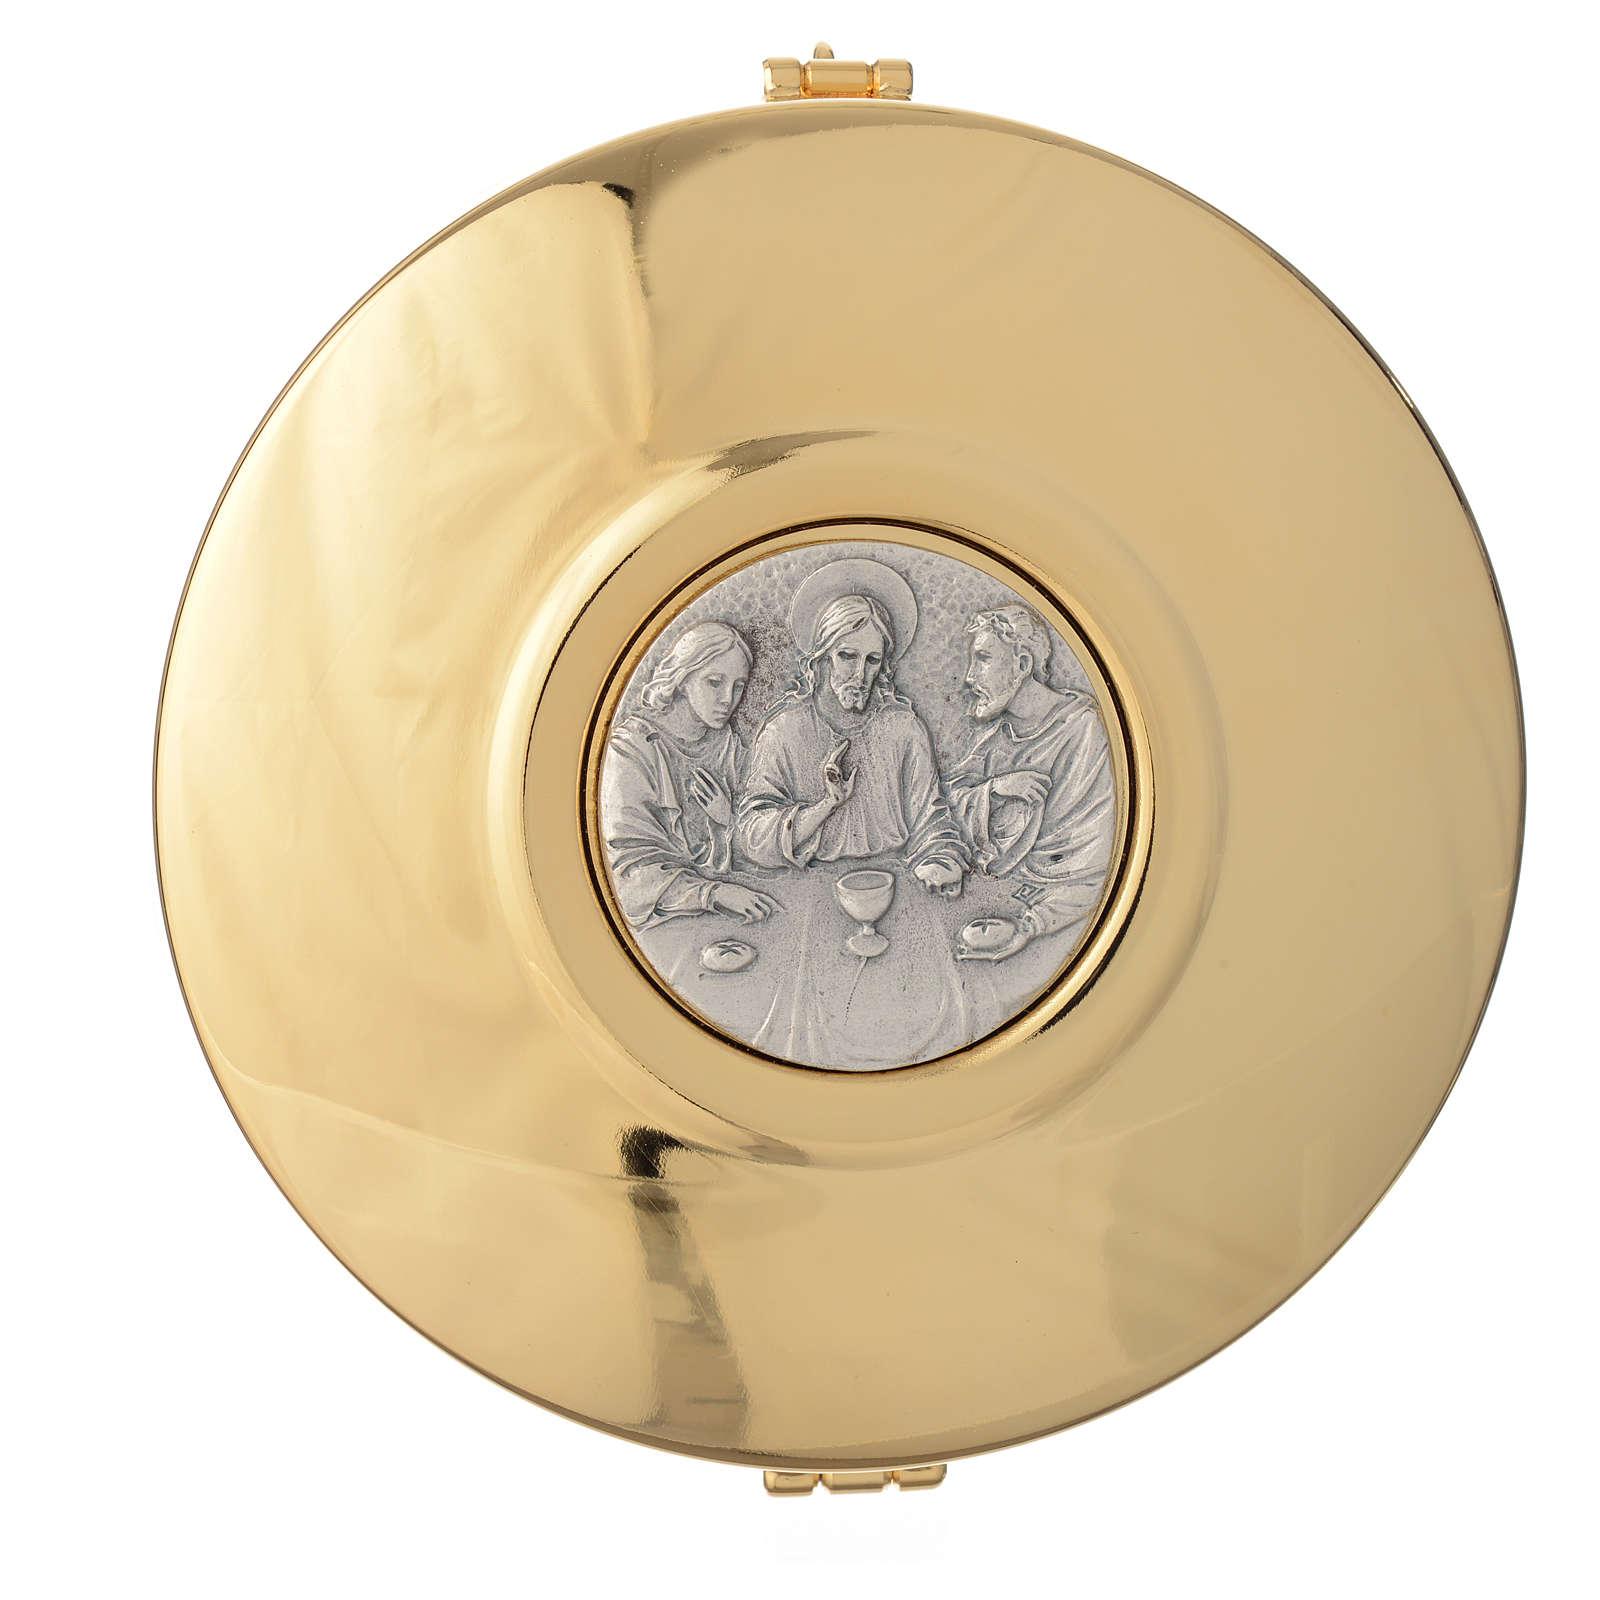 Caixa de hóstia latão medalhão peltre Última Ceia 11 cm 3